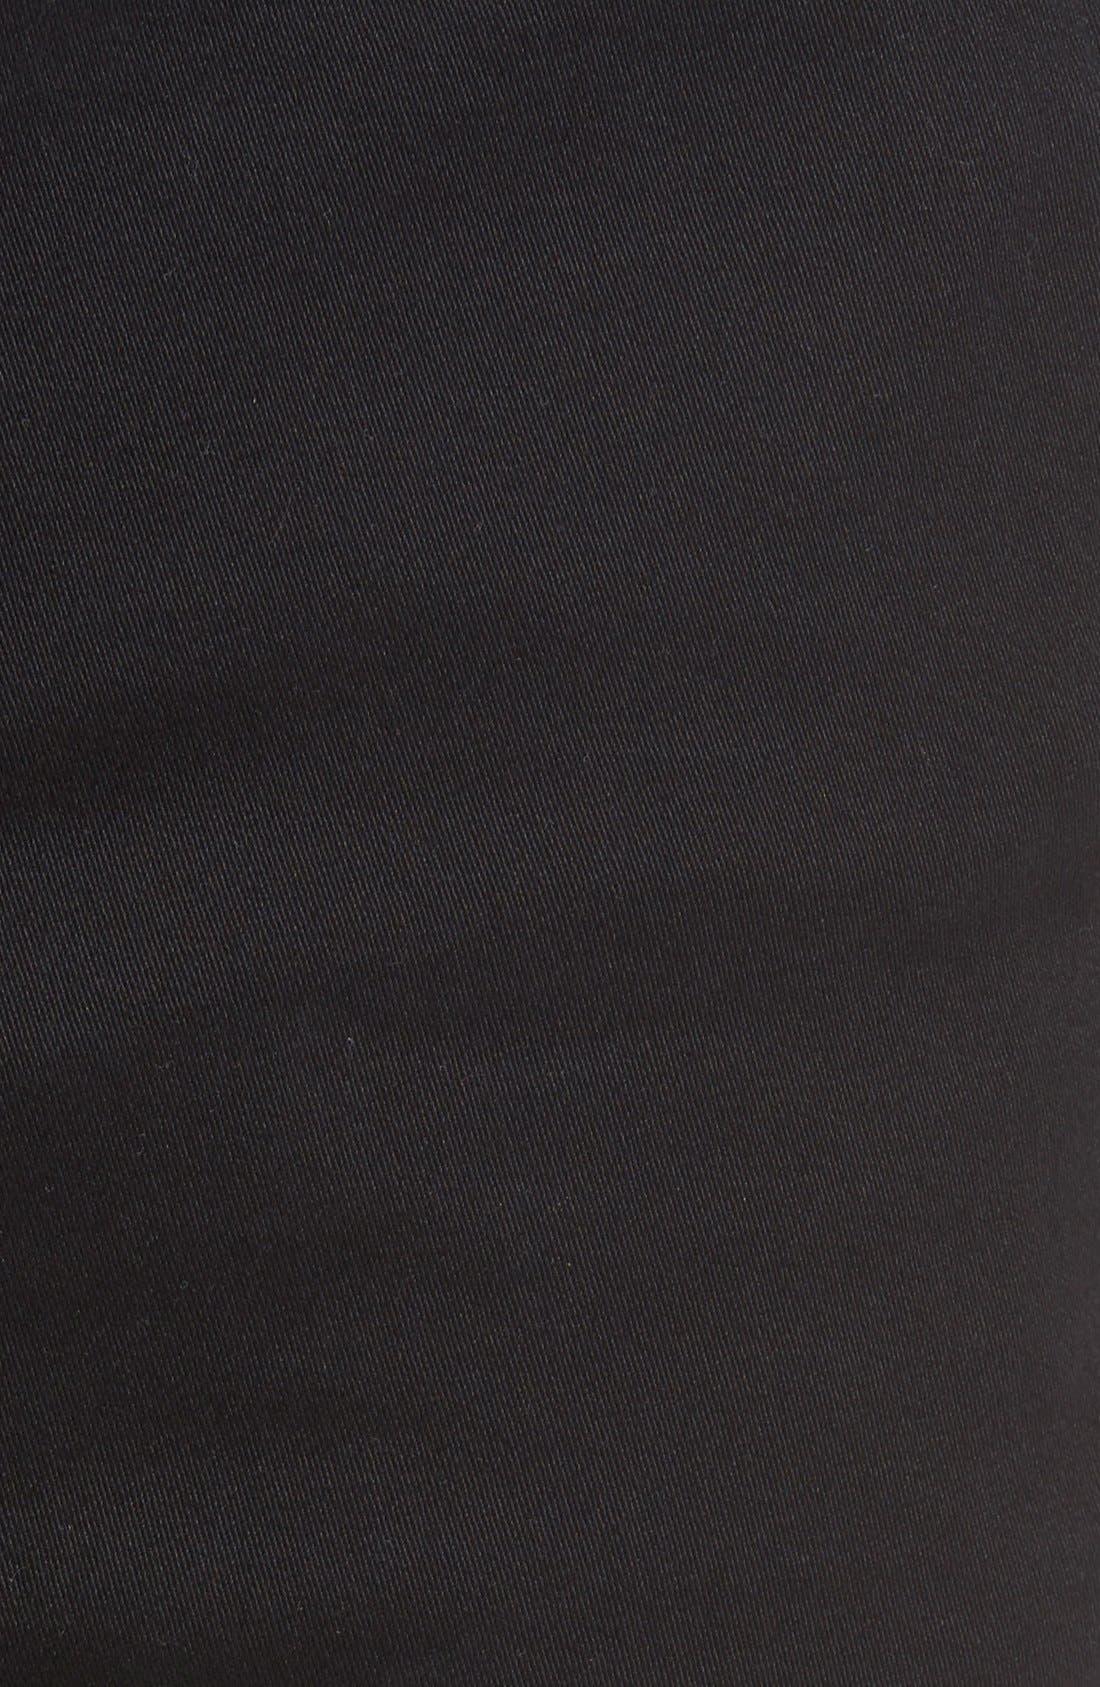 'Sureshot' Shorts,                             Alternate thumbnail 2, color,                             BLACK